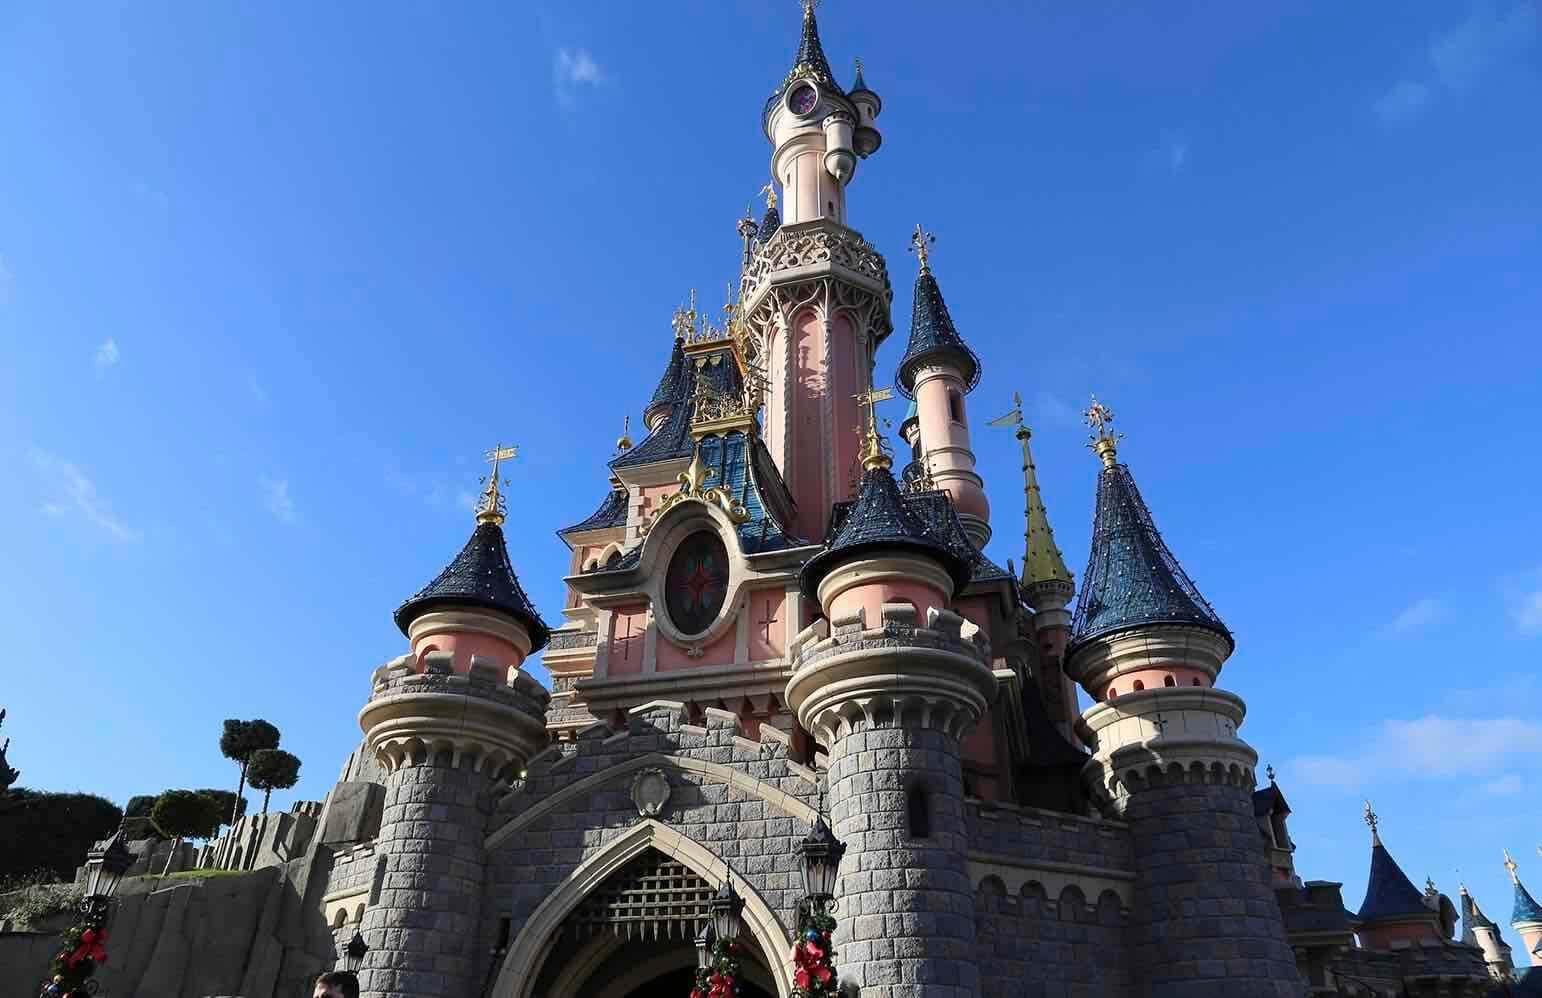 Quels transports prendre entre l'aéroport d'Orly et Disneyland ?